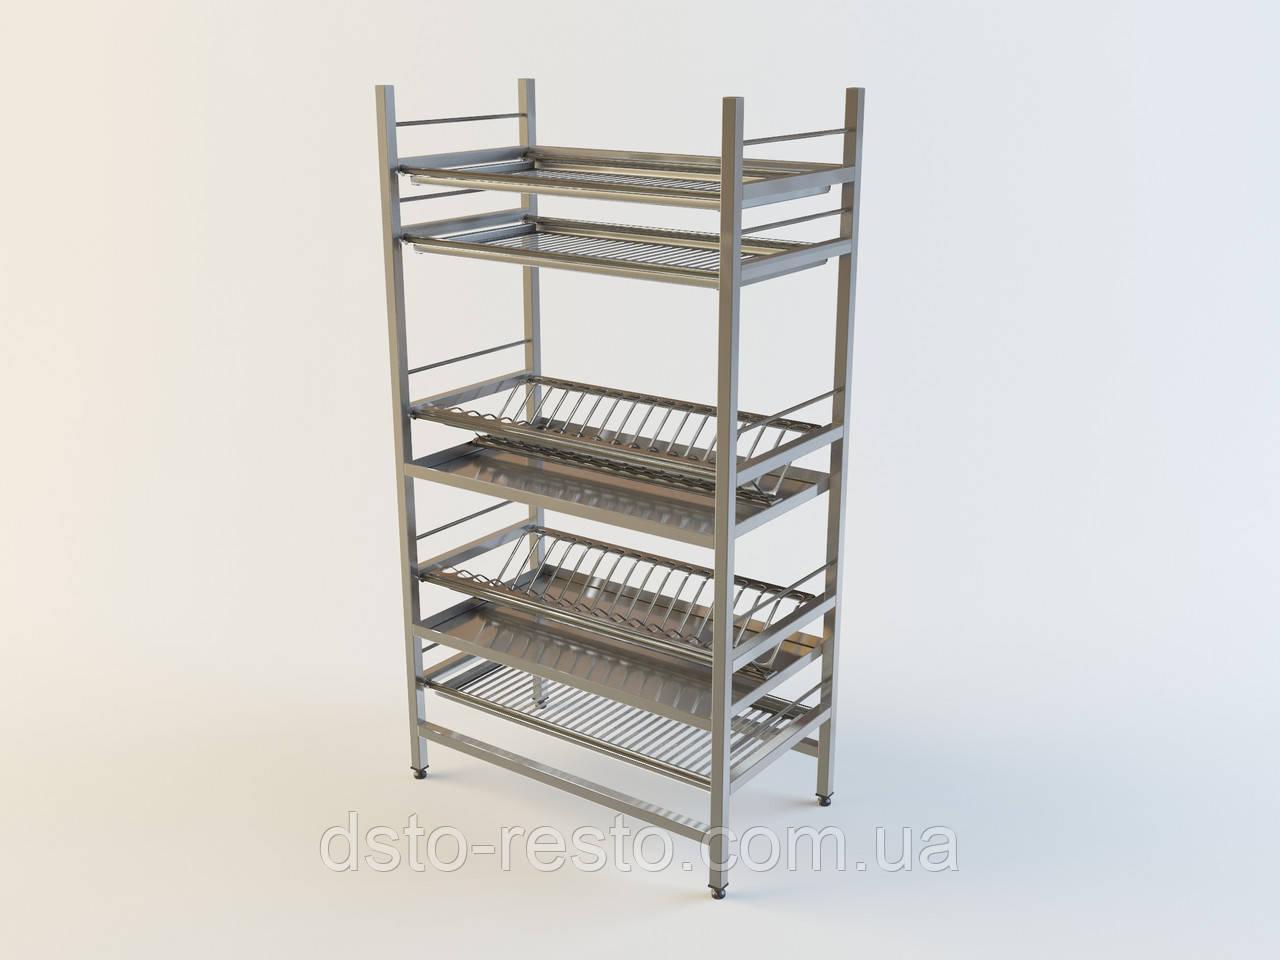 Стелажі для сушіння посуду 800/320/160 мм